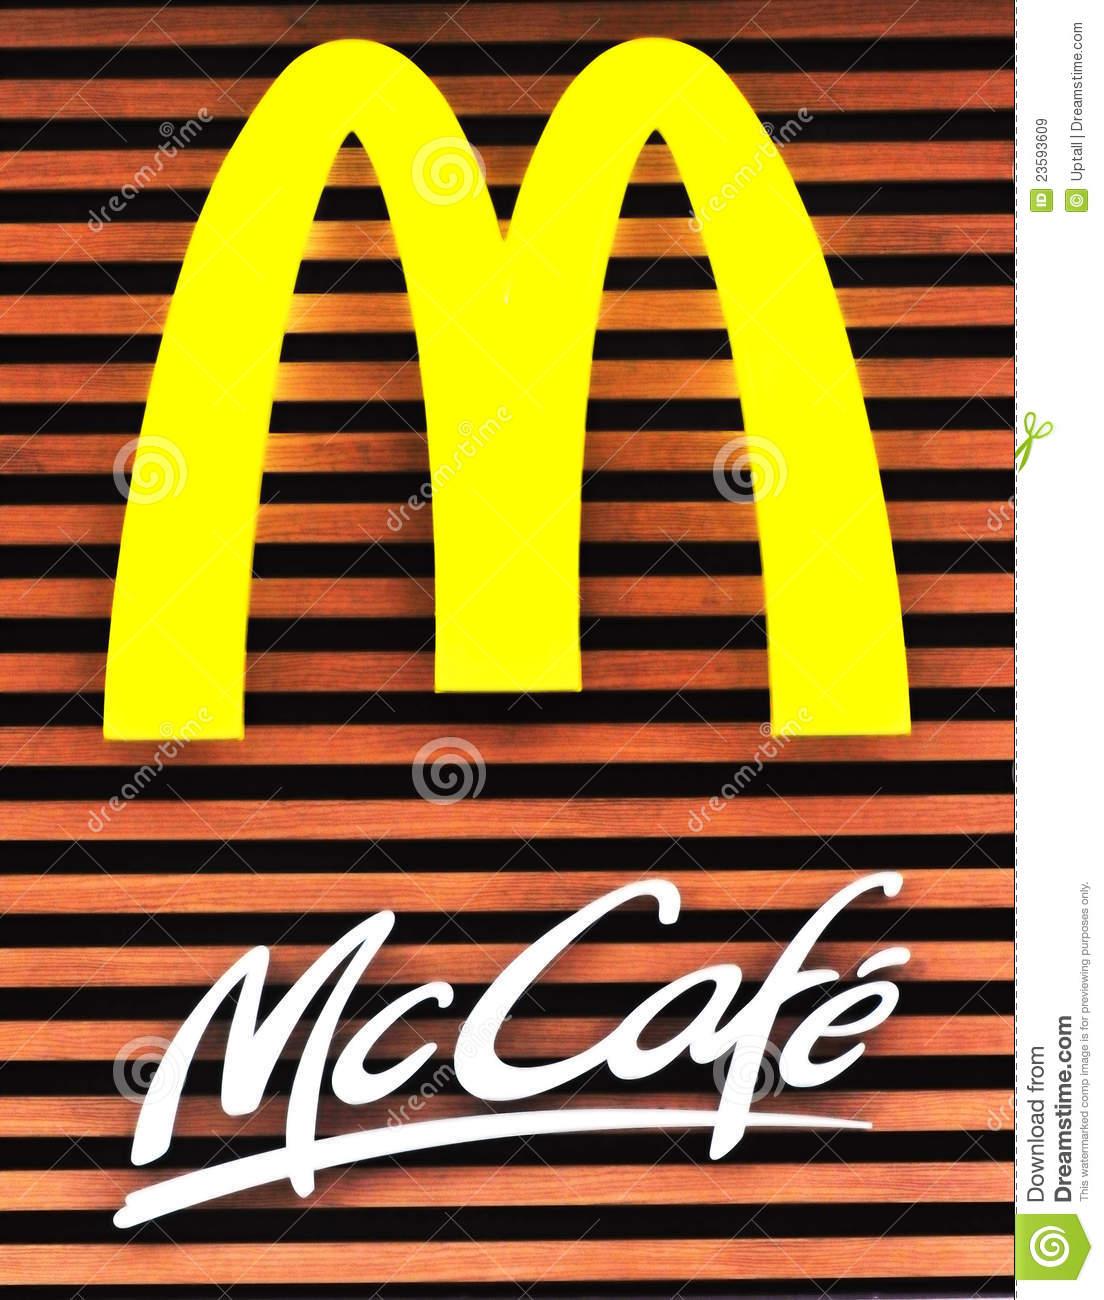 Mcdonald's Mccafe Editorial Stock Image.